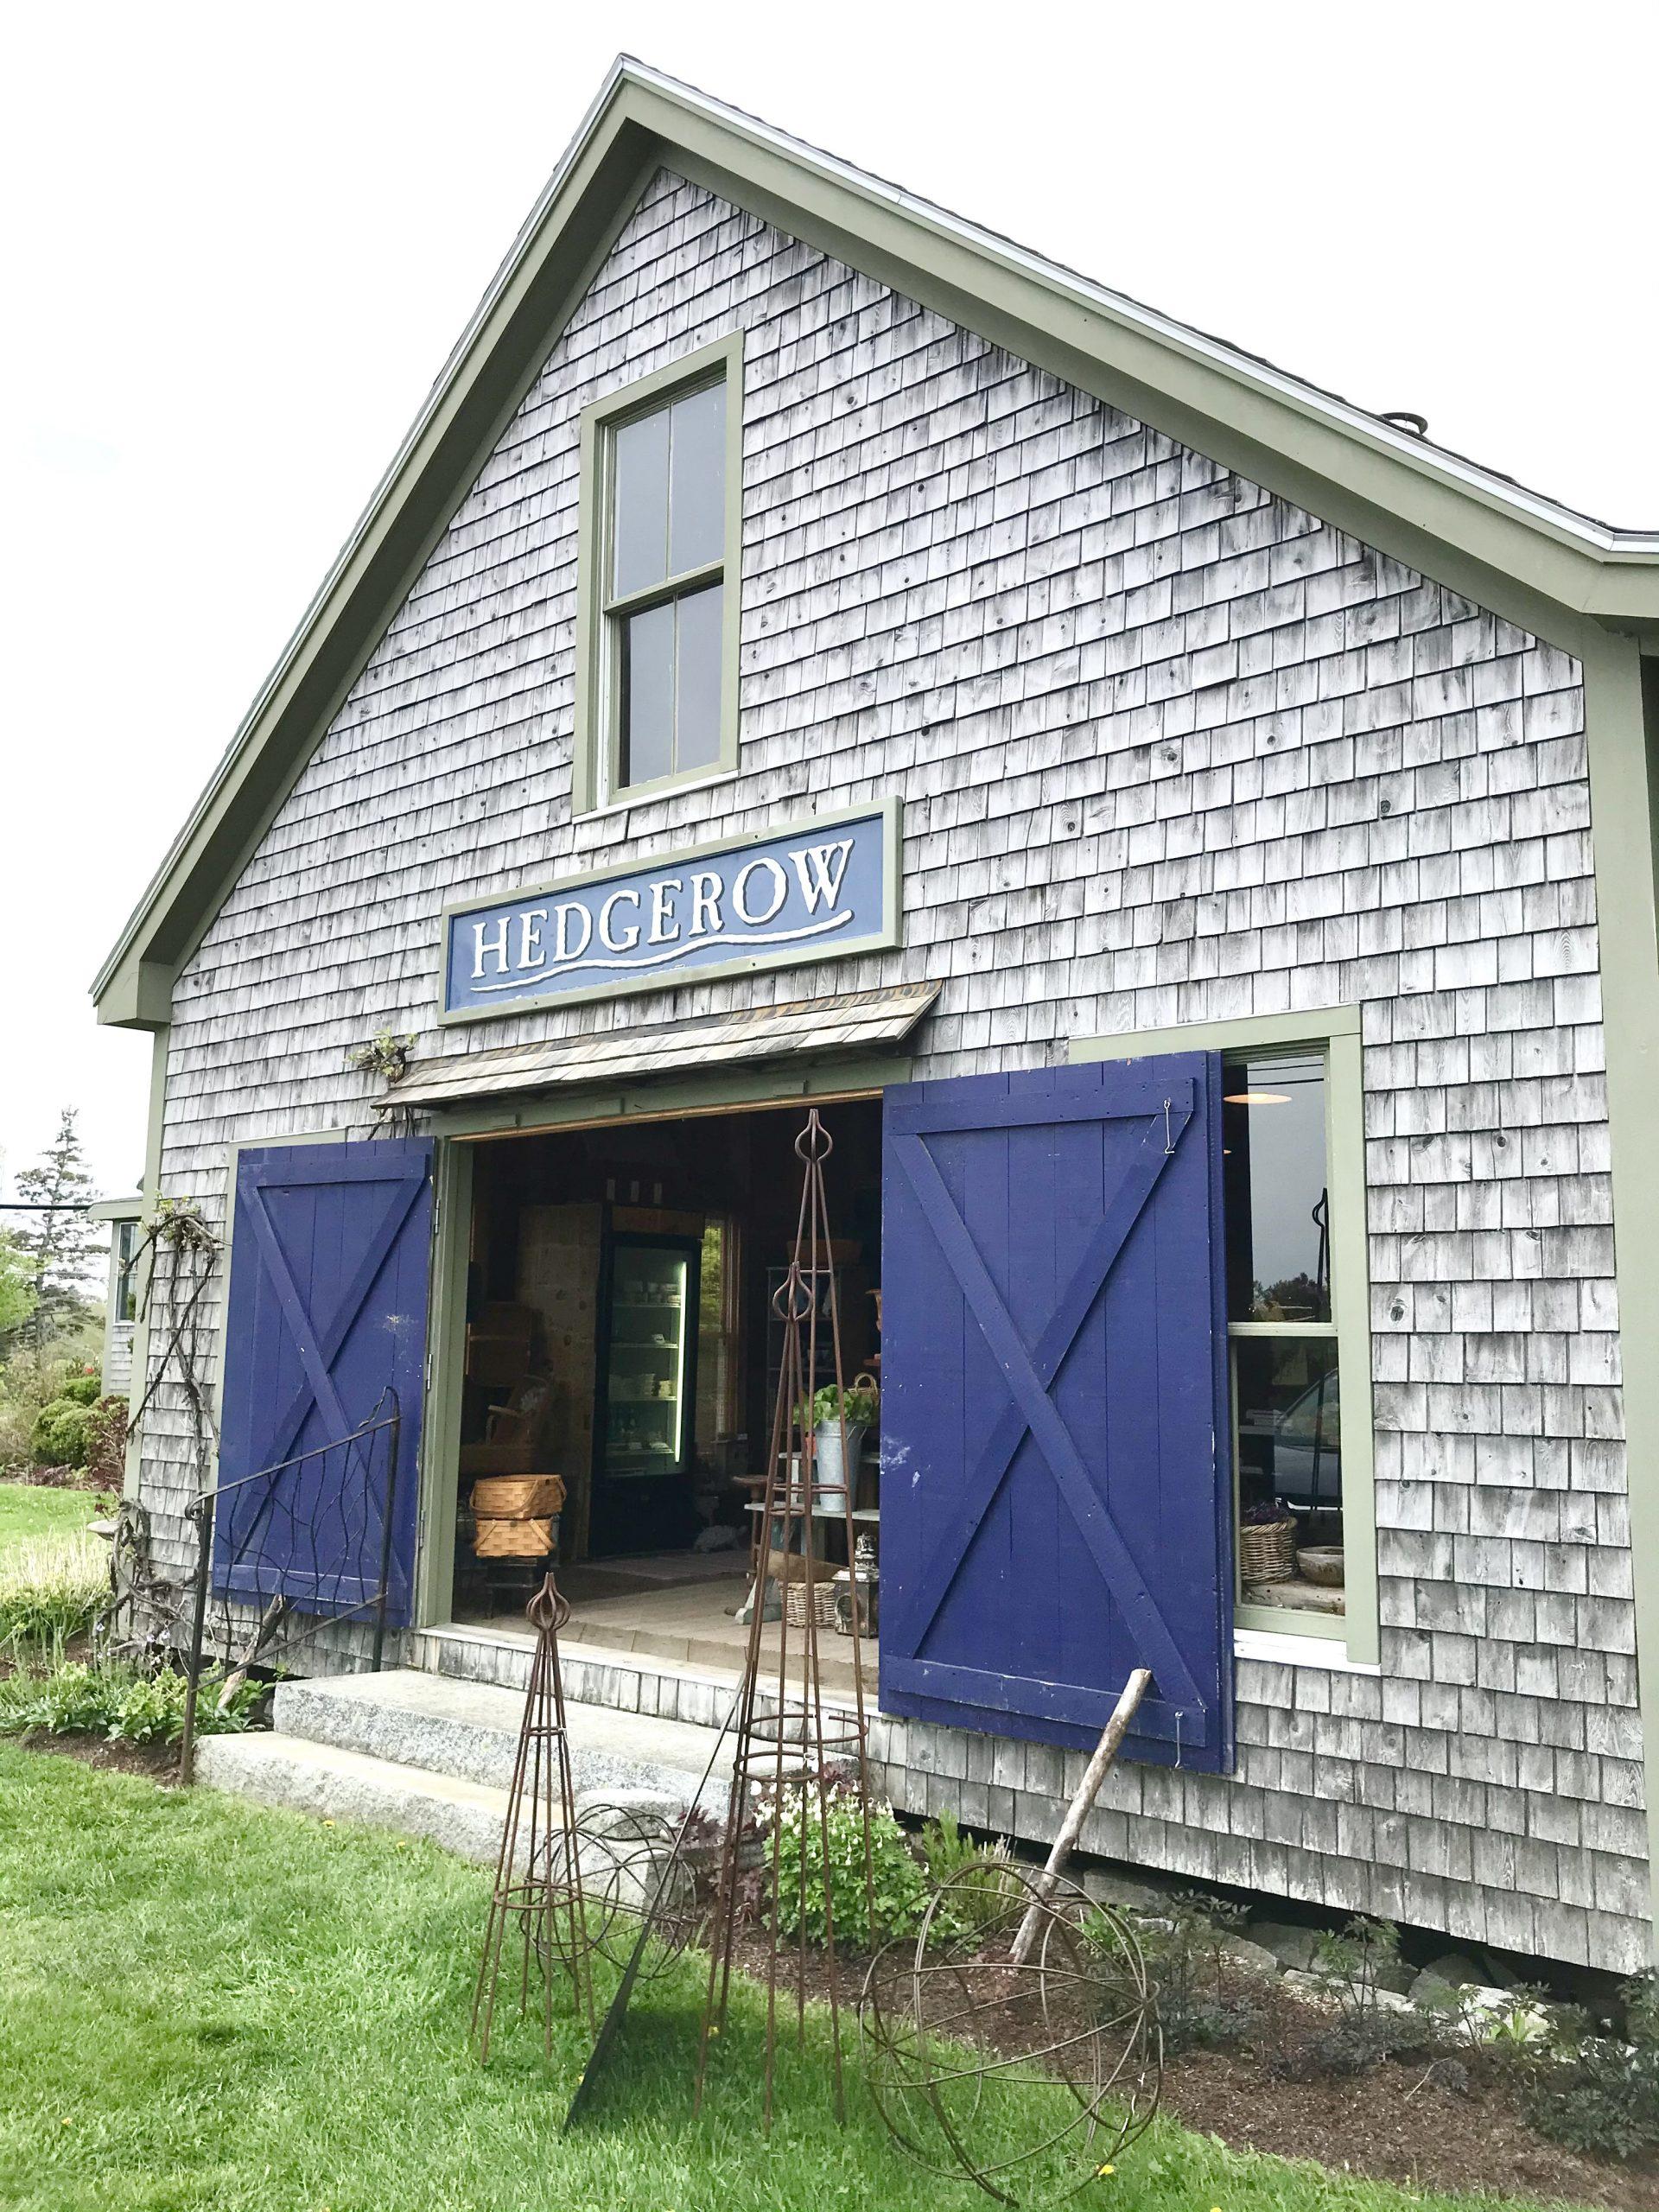 Hedgerow Market – Martinsville, Maine